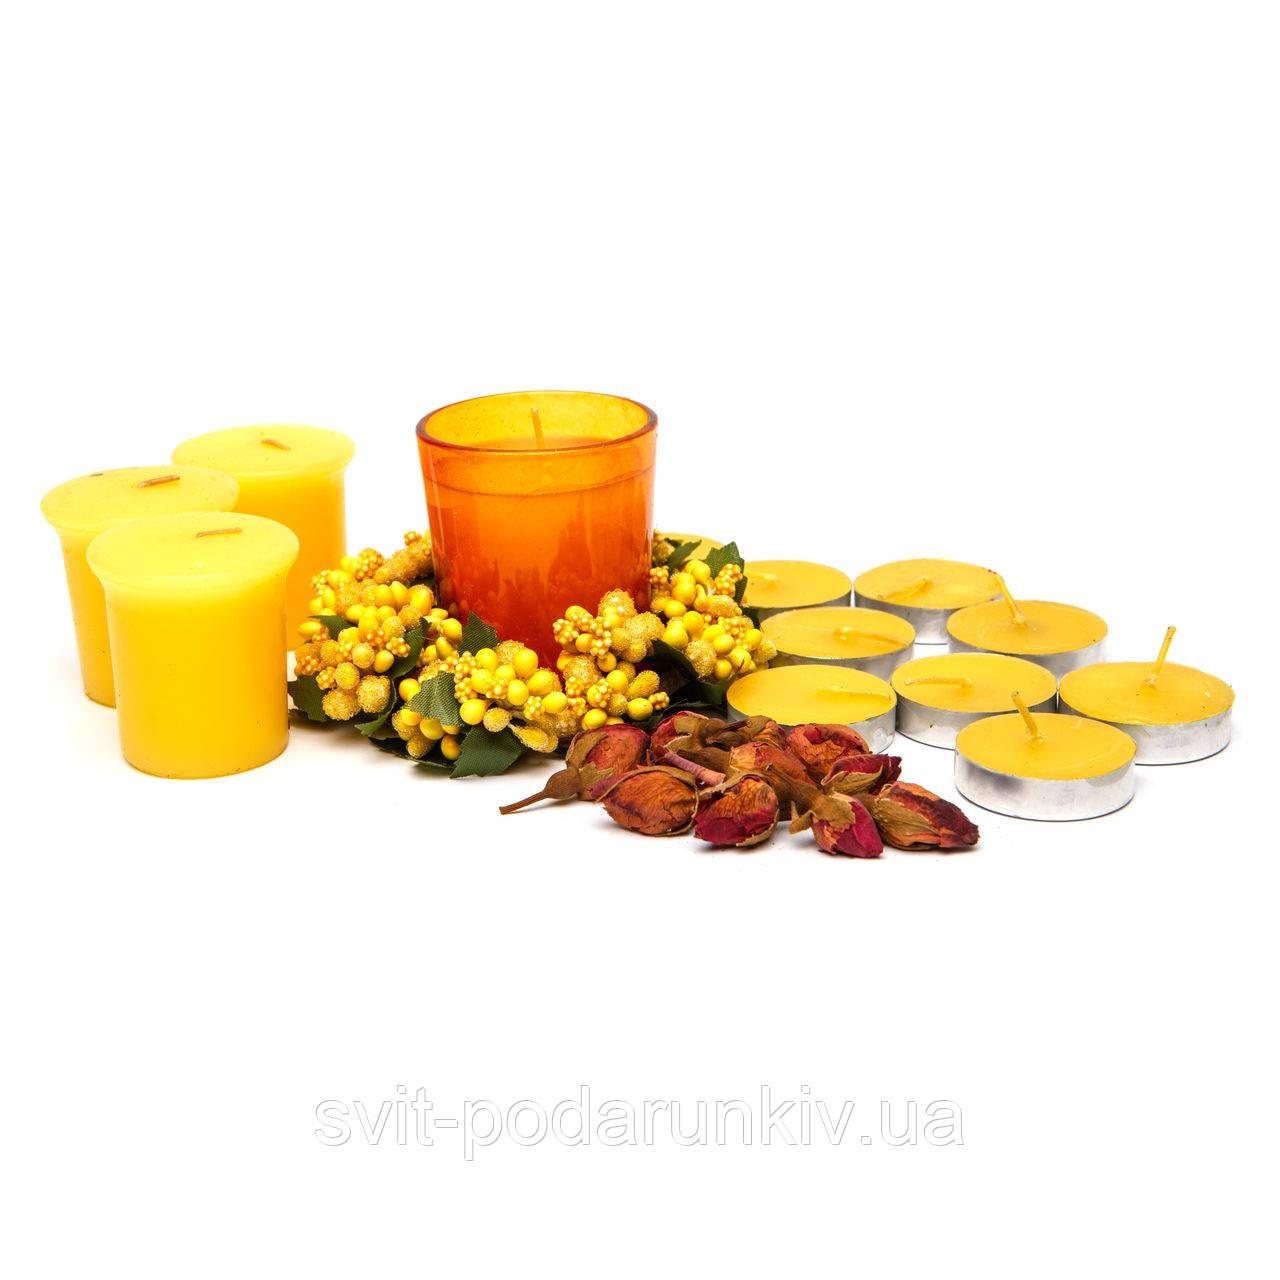 Свечи для декора. Набор из 16 предметов SBB-9-4